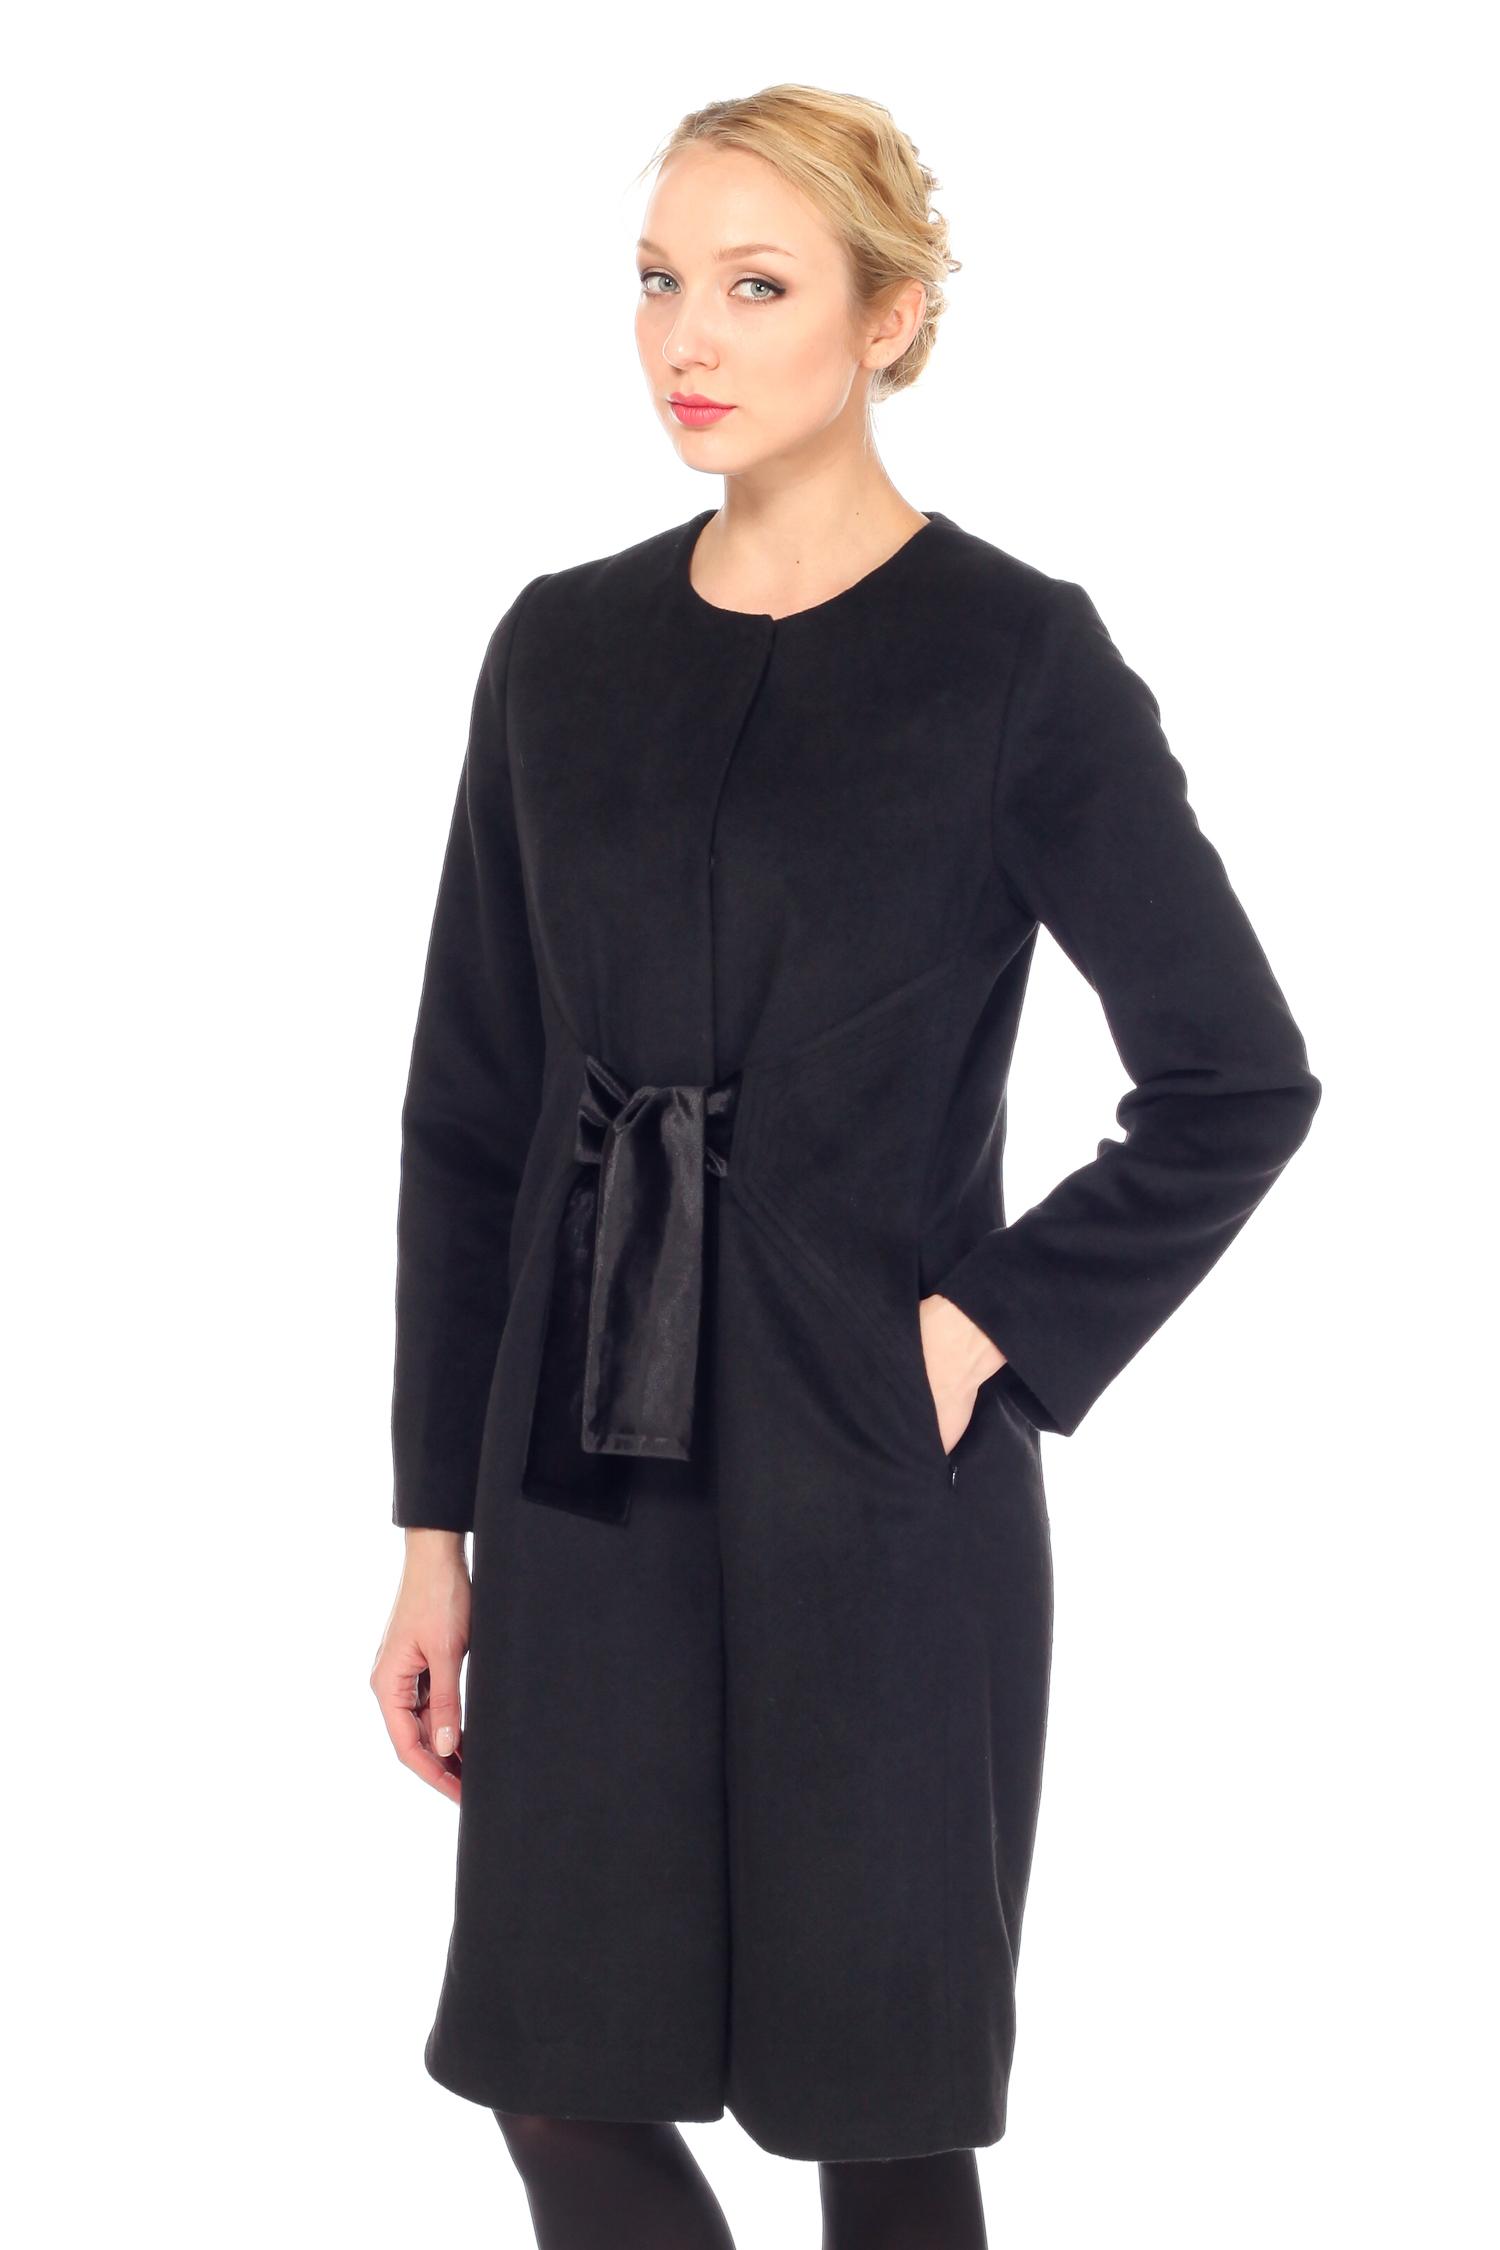 Женское пальто с воротником, без отделки<br><br>Материал: Комбинированный состав<br>Длина см: Длинная (свыше 90)<br>Воротник: без воротника<br>Цвет: черный<br>Вид застежки: центральная<br>Застежка: на кнопки<br>Пол: Женский<br>Размер RU: 46